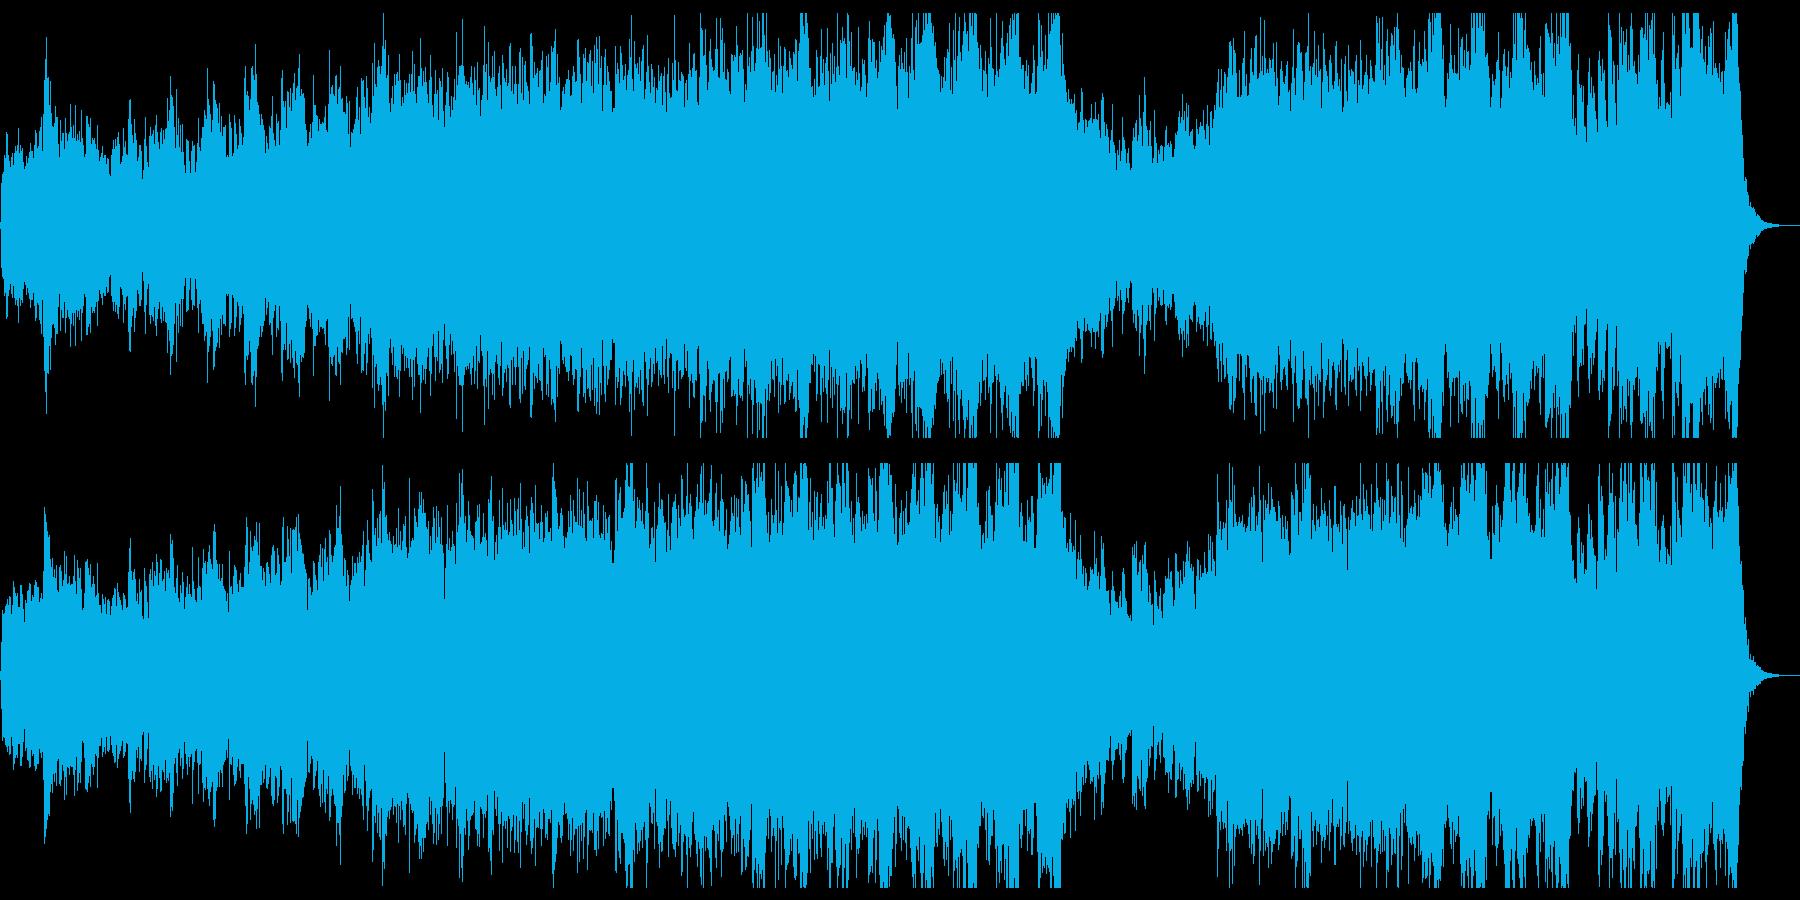 和風&ハリウッド風オーケストラ:鬼神の再生済みの波形